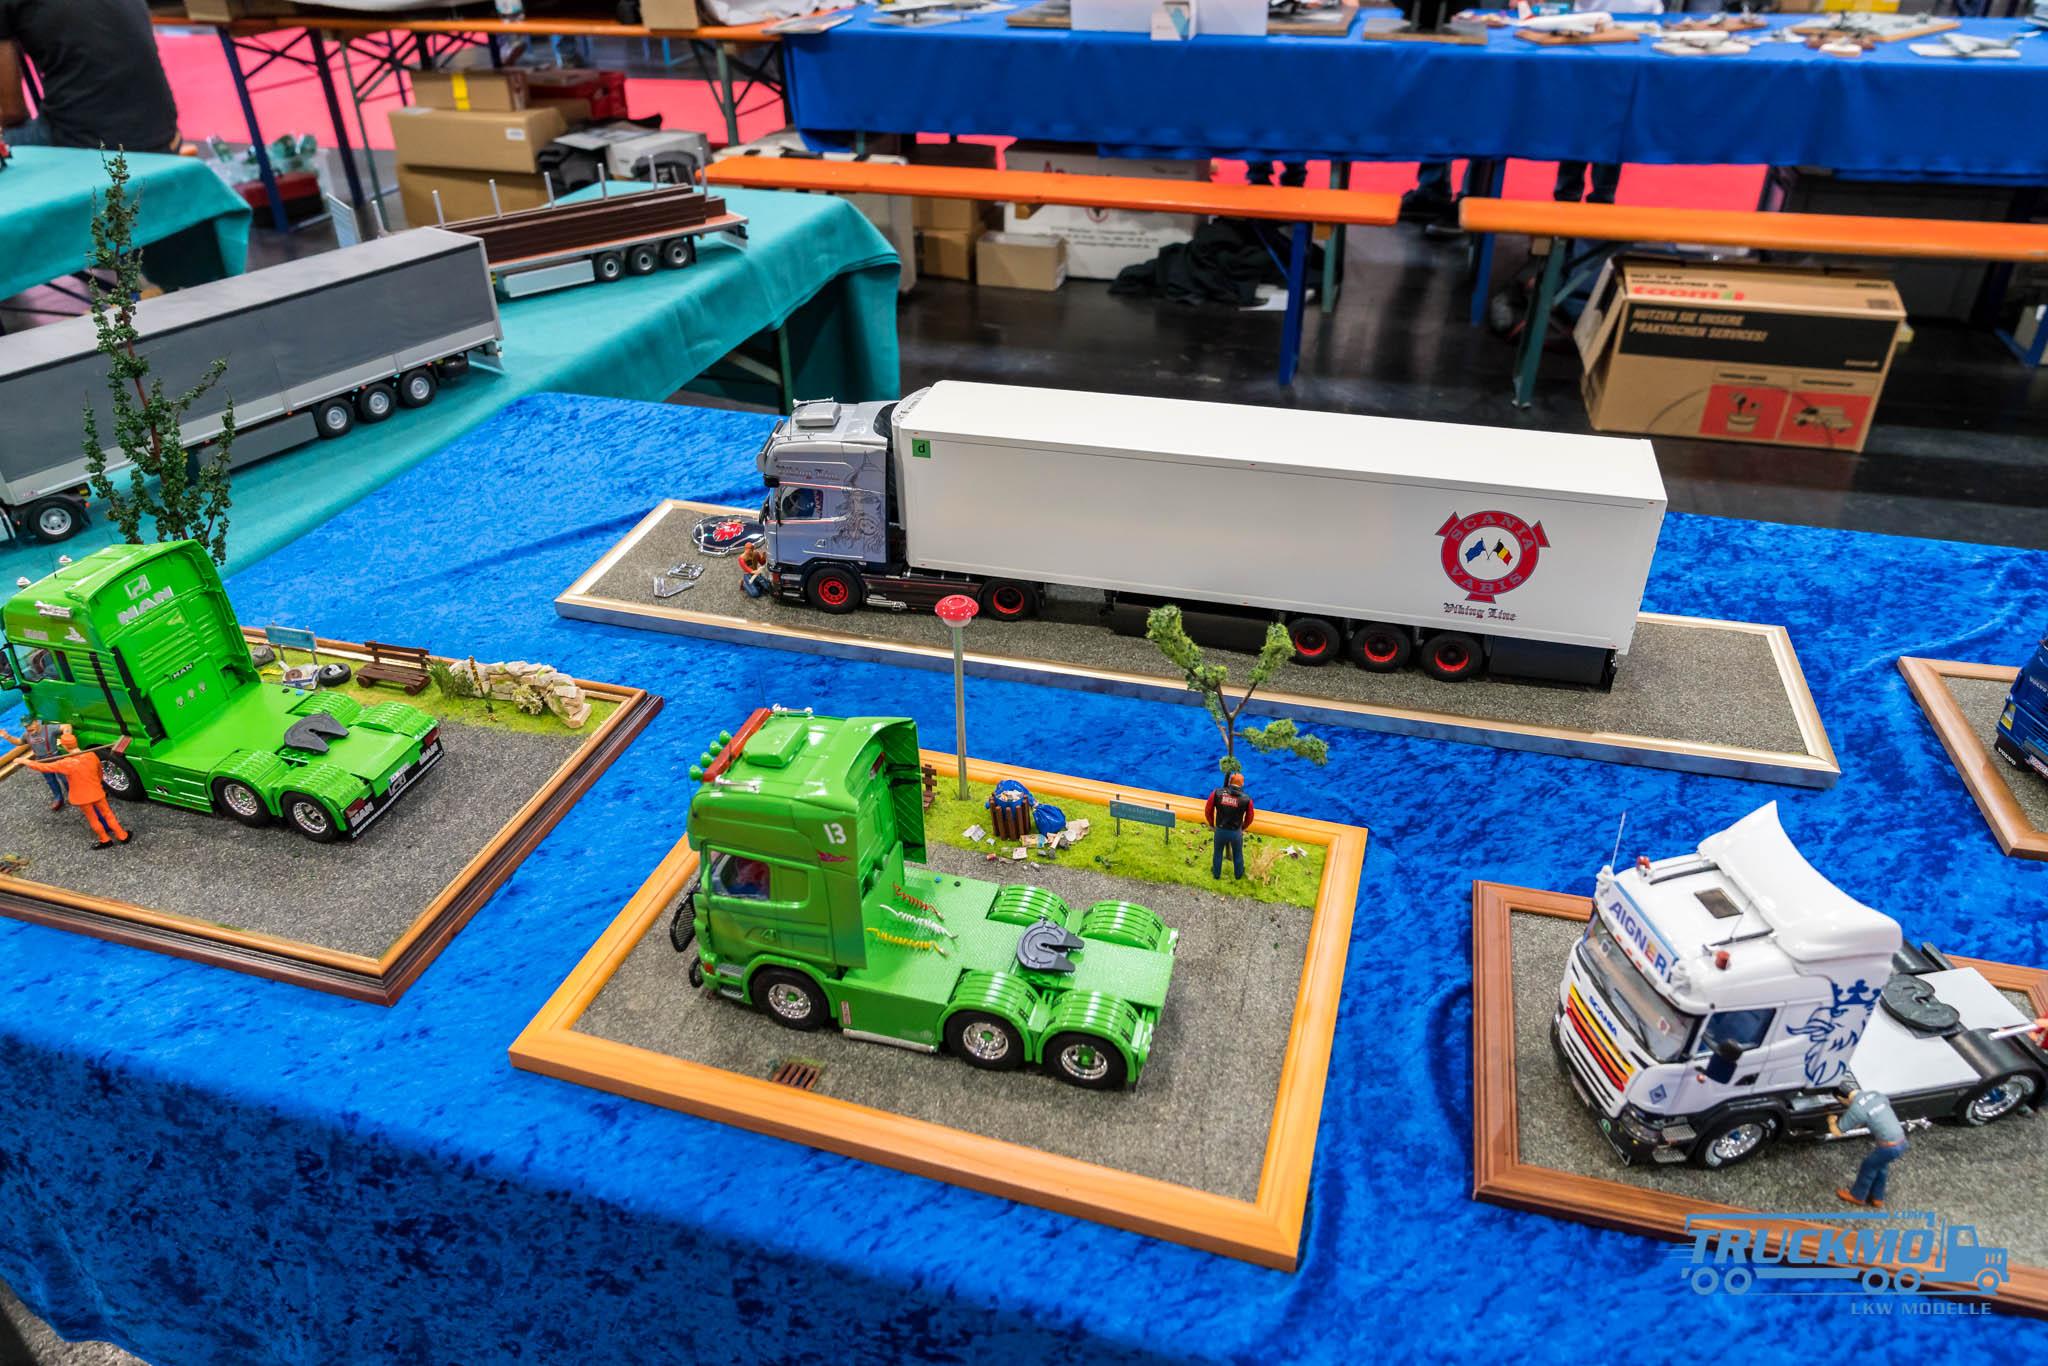 Truckmo_Modellbau_Ried_2017_Herpa_Messe_Modellbauausstellung (322 von 1177)